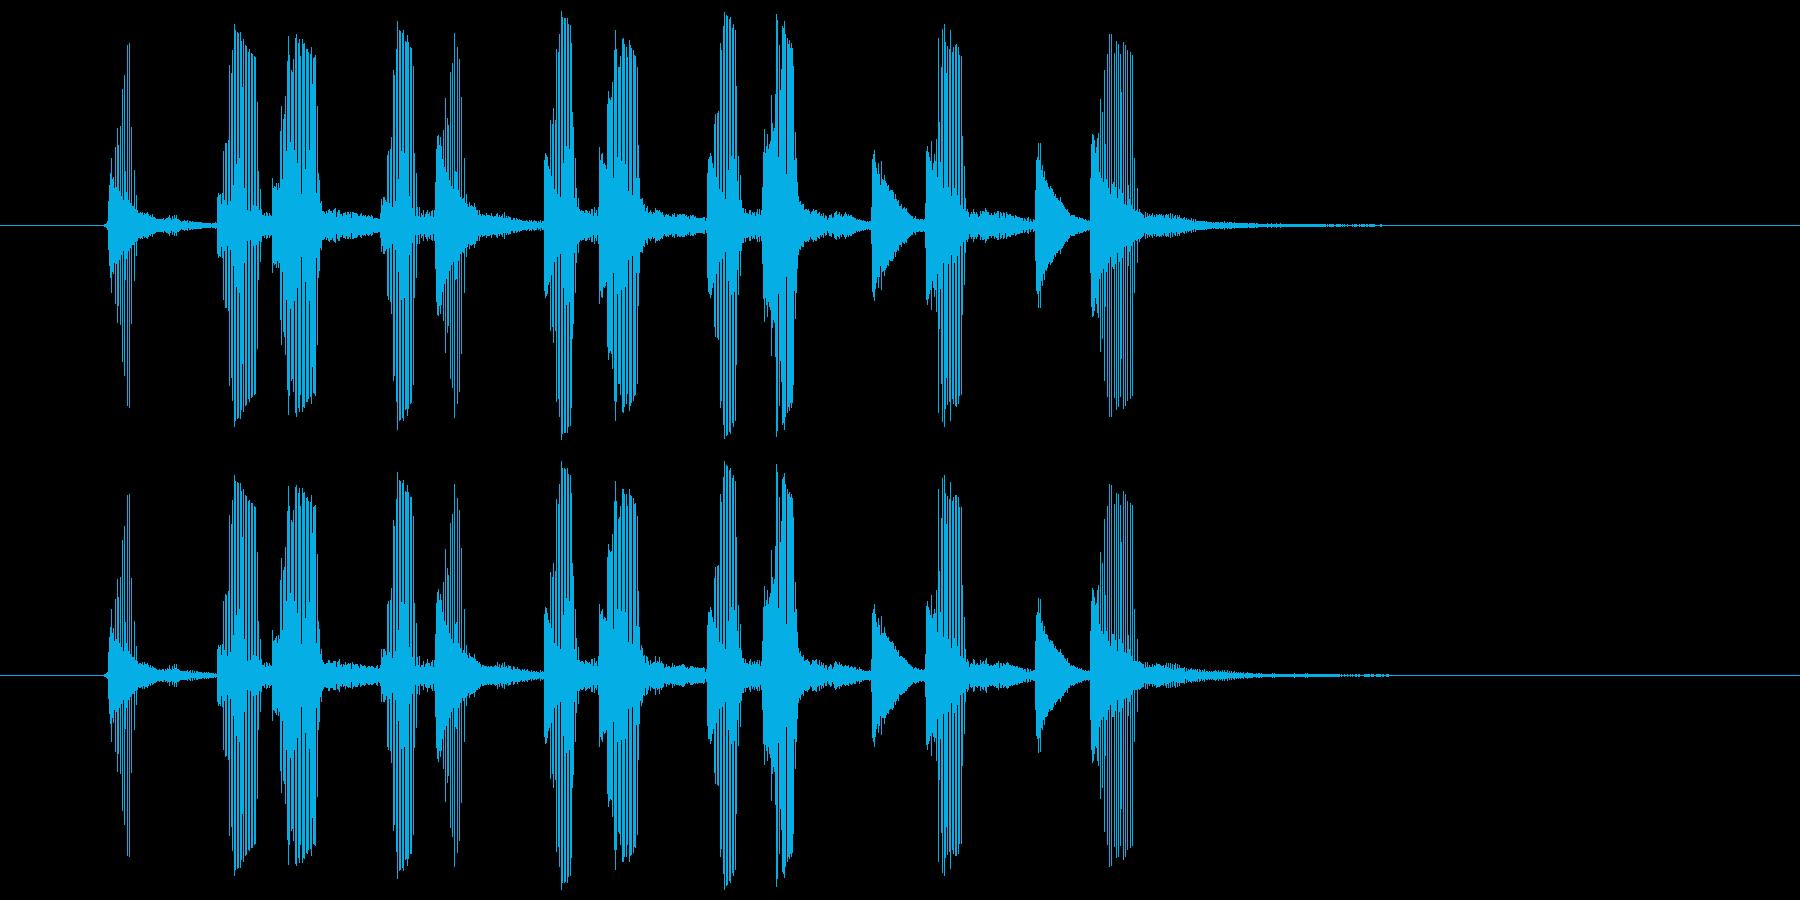 パパパッパパッパパ(電子ラッパ音)の再生済みの波形